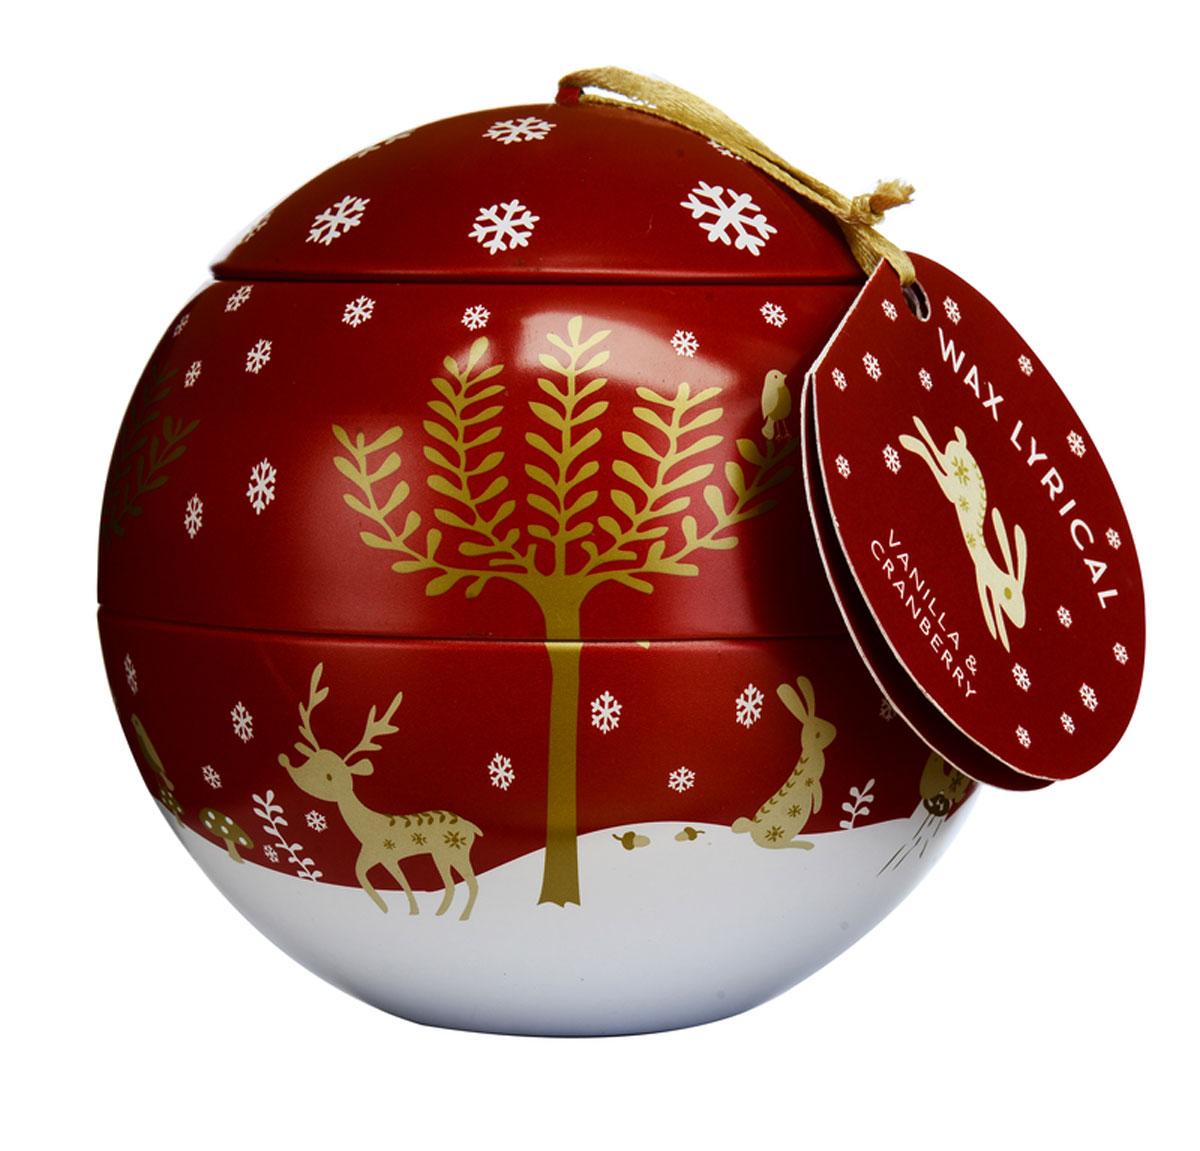 Свеча ароматизированная Wax Lyrical Зимняя ягода, 430 гCHR2018Свеча ароматизированная Wax Lyrical Зимняя ягода имеет аромат сладкой ягоды, собранной в зимнем лесу. Она сохраняет в себе свои магические свойства и наполняет дом невероятно любимым праздничным ароматом с глубокой ванильной основой.